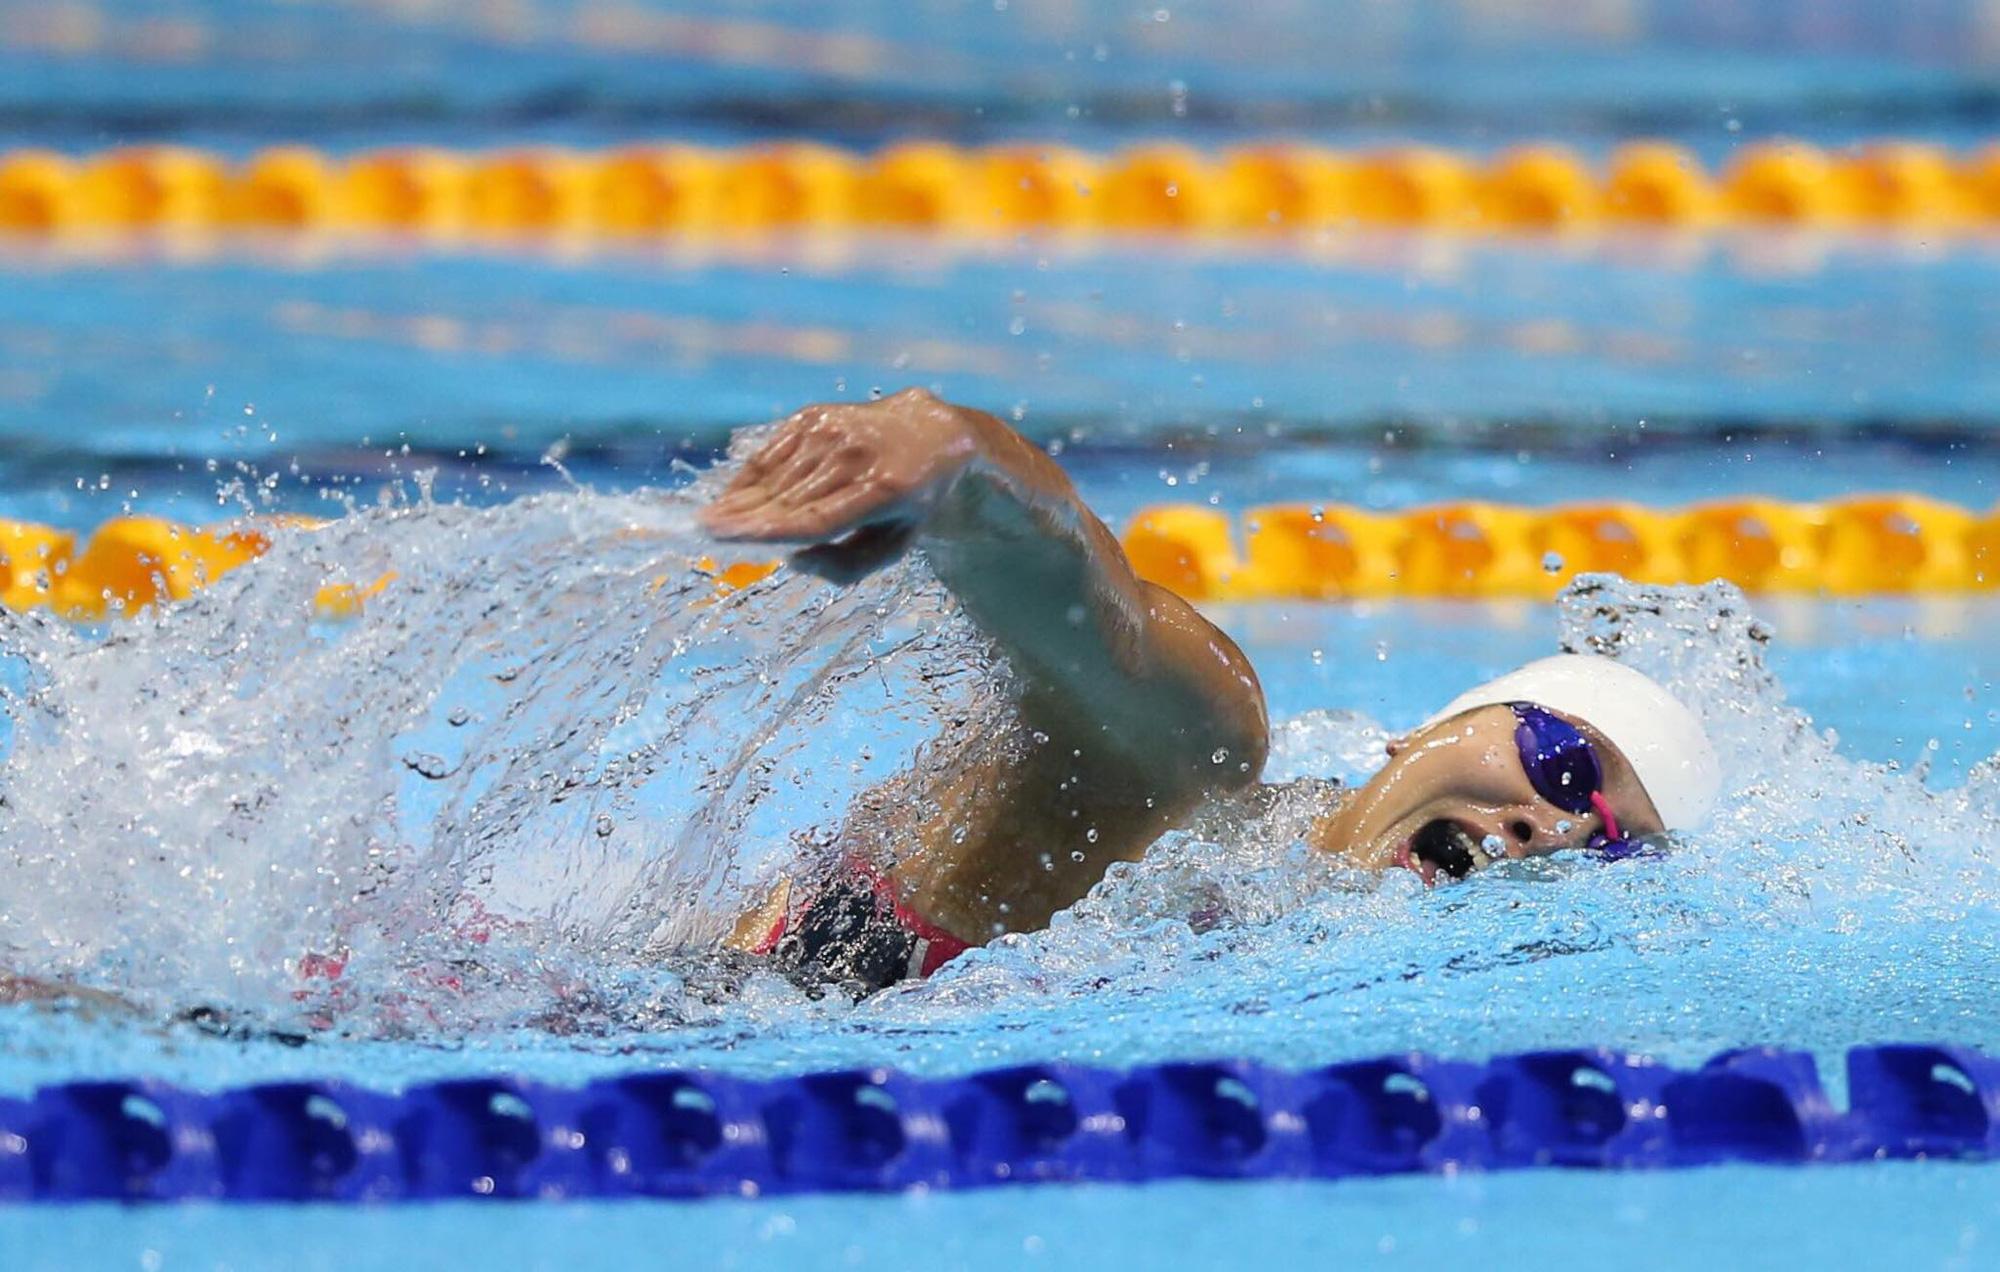 Ánh Viên không thắng nổi chính mình tại Olympic Tokyo 2020 - Ảnh 2.